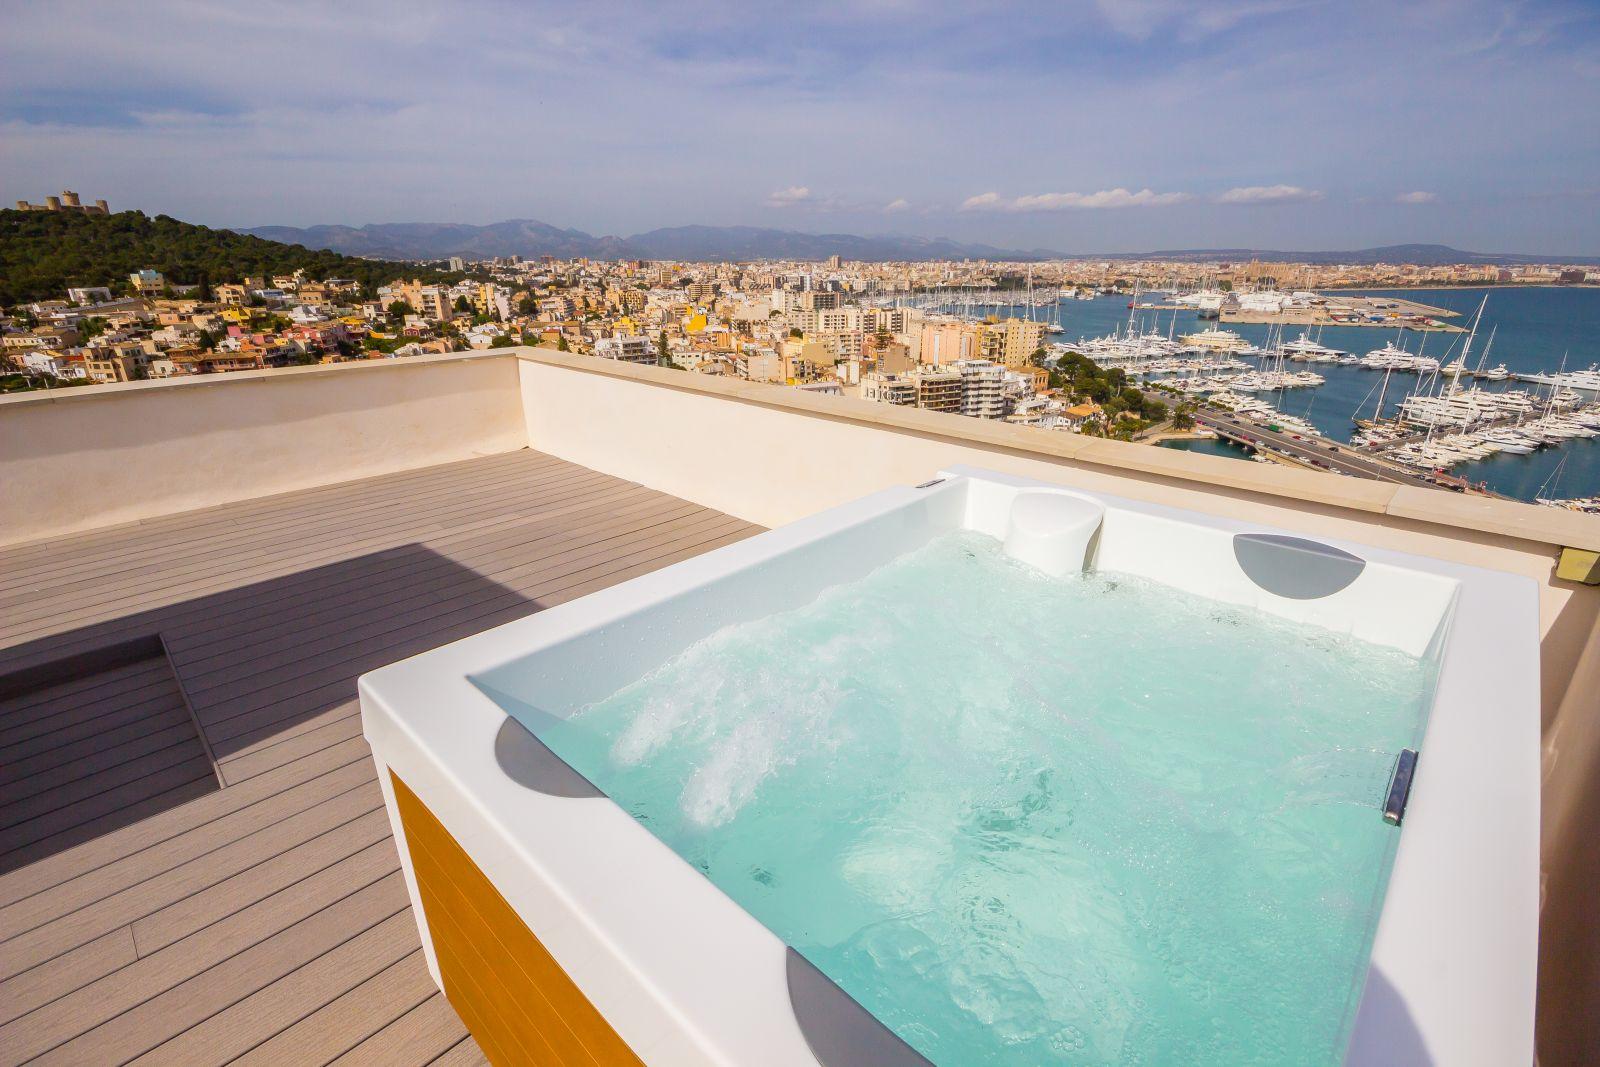 Suite Lujo del hotel Amic Horizonte. Foto 3